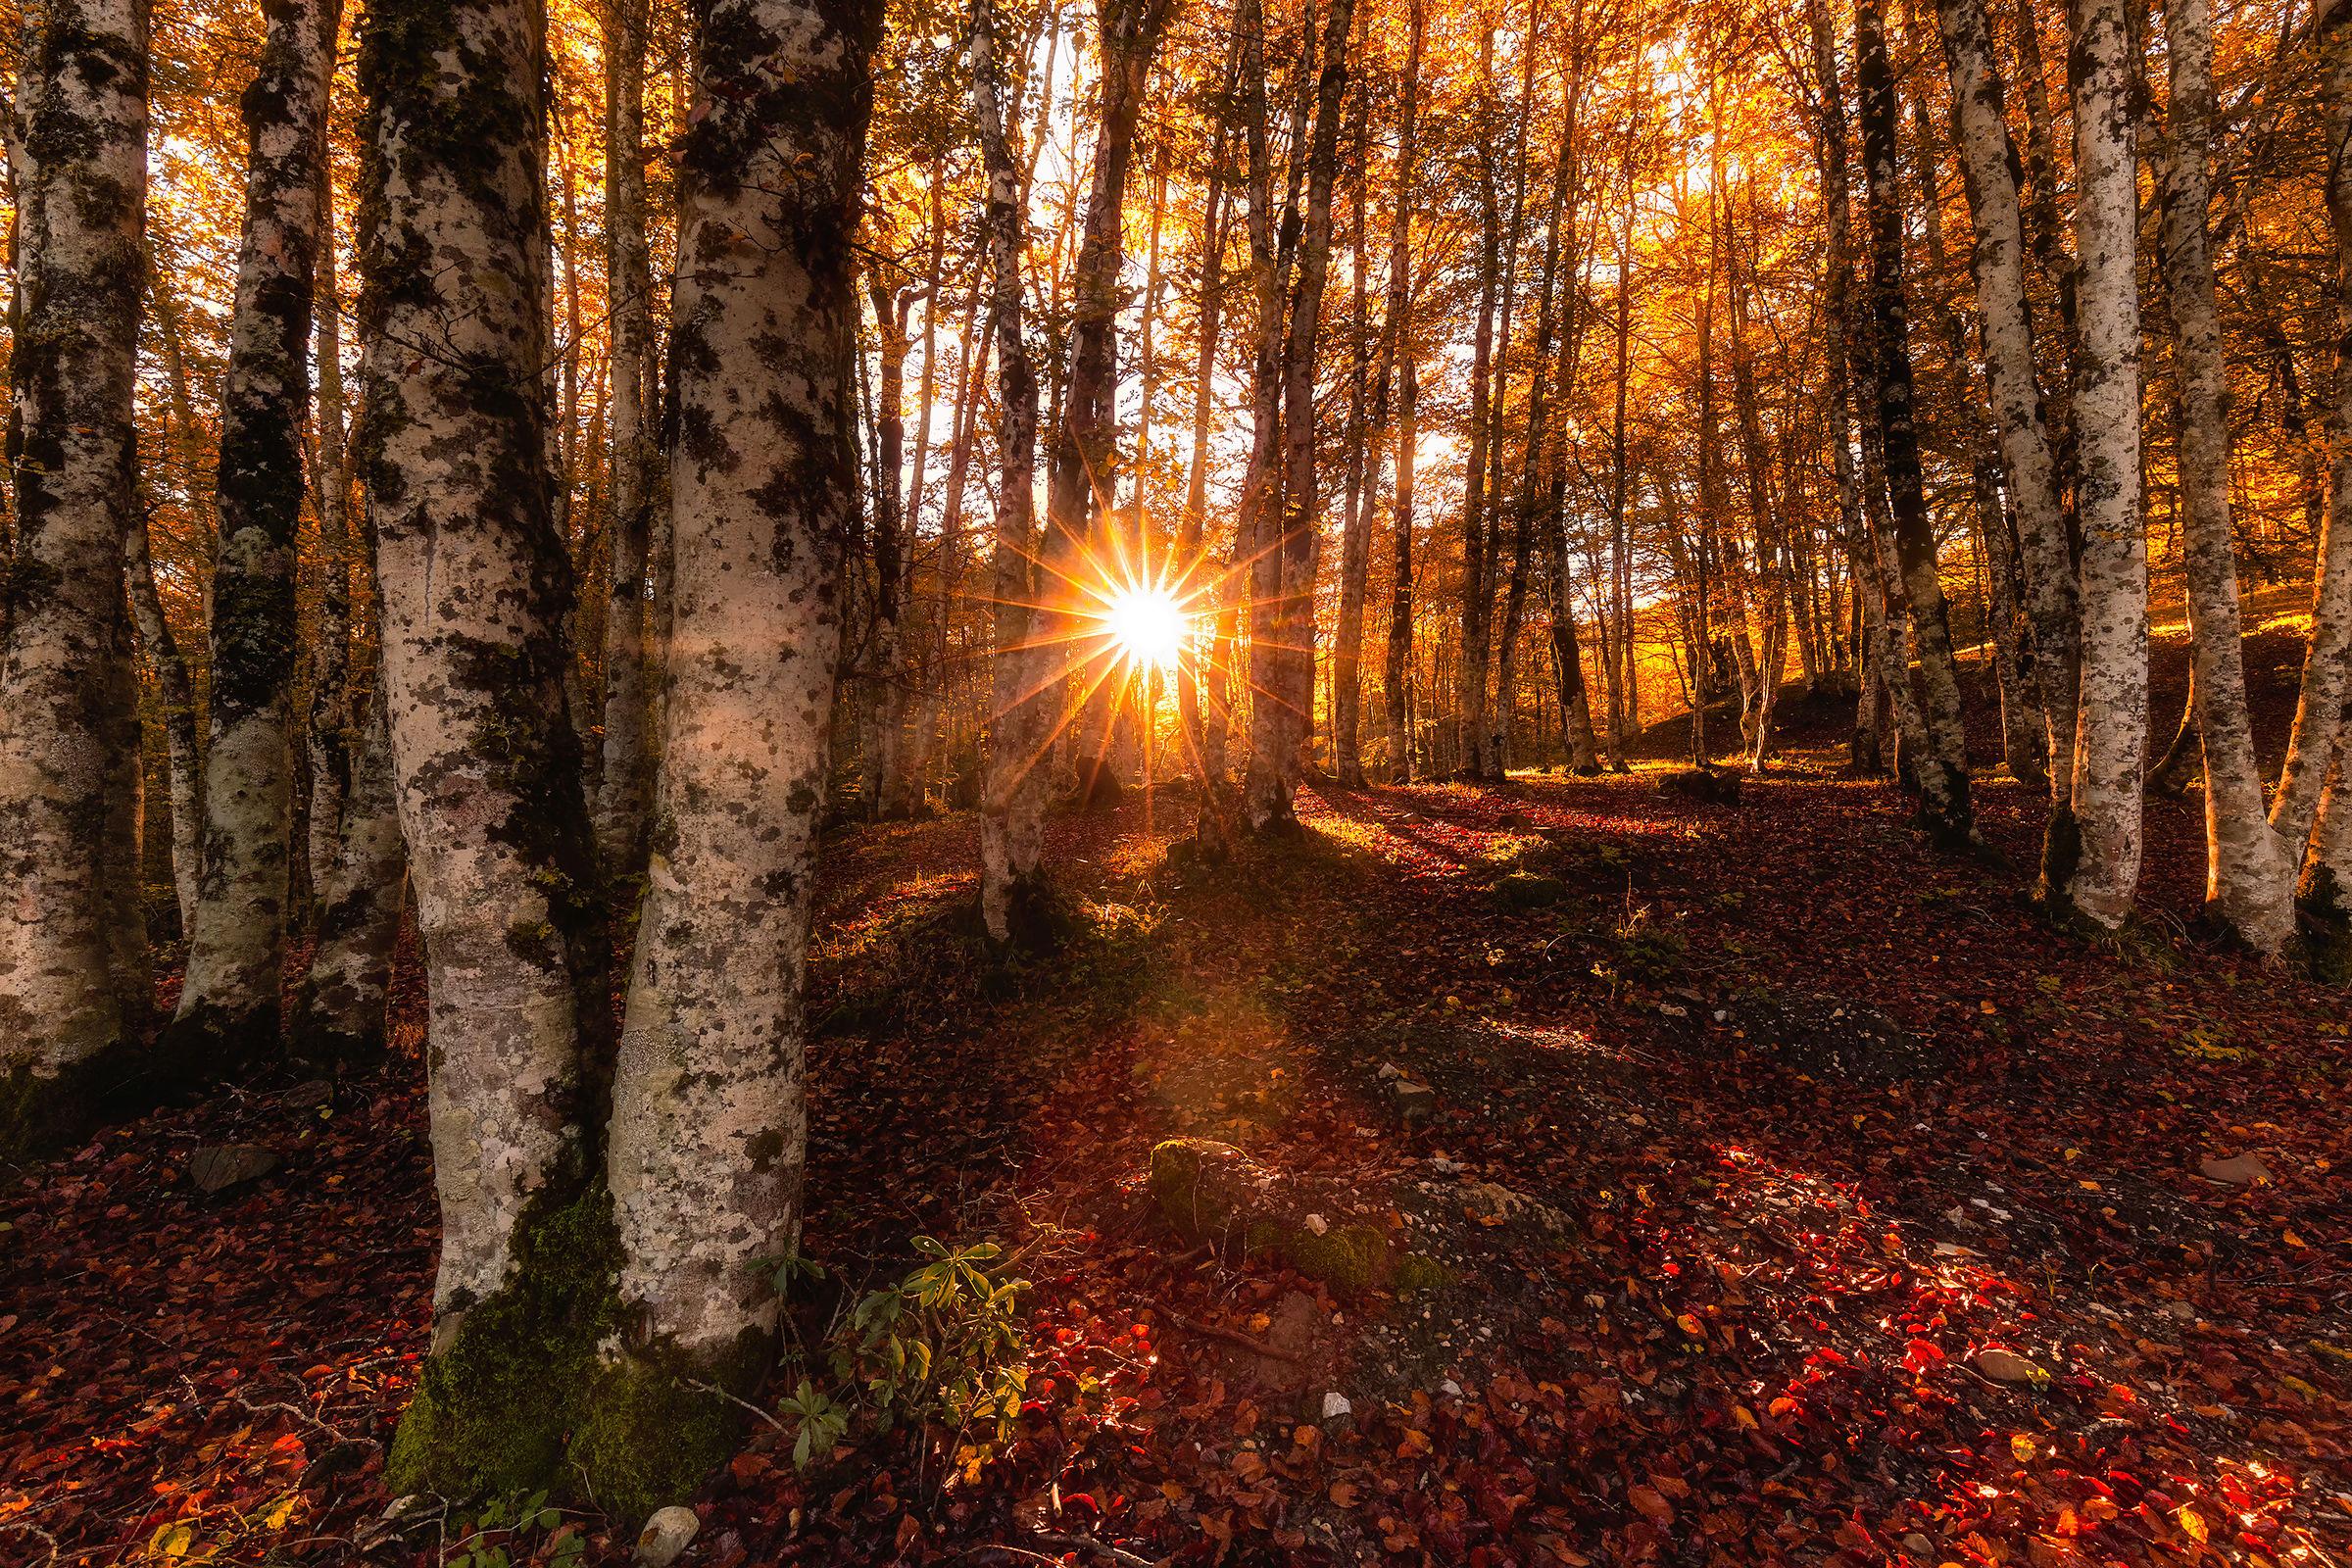 Una bella alba autunnale...